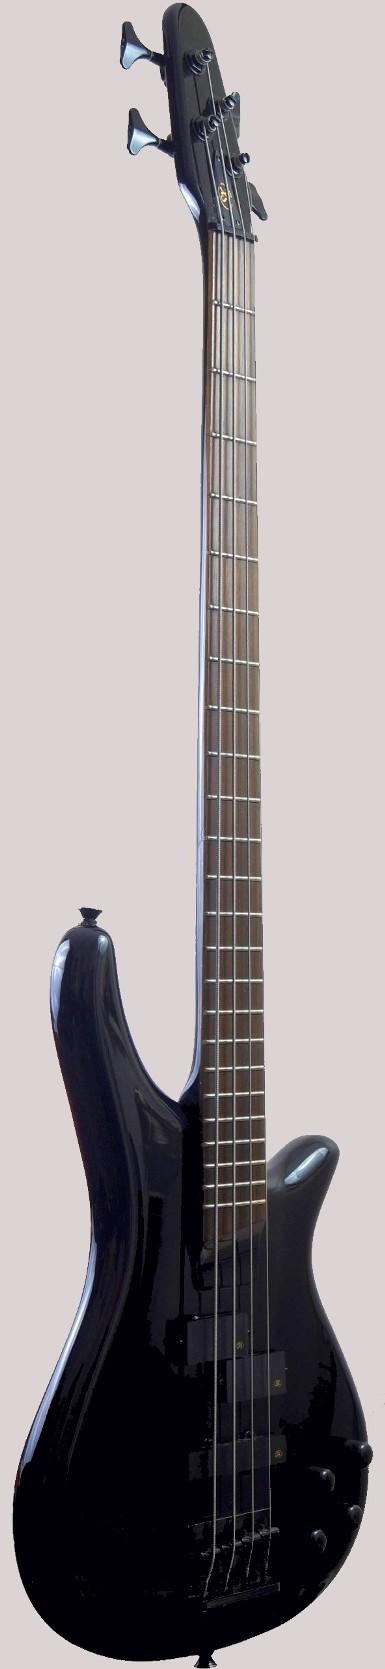 japanese designed 2 pickup bass guitar at Ukulele Corner